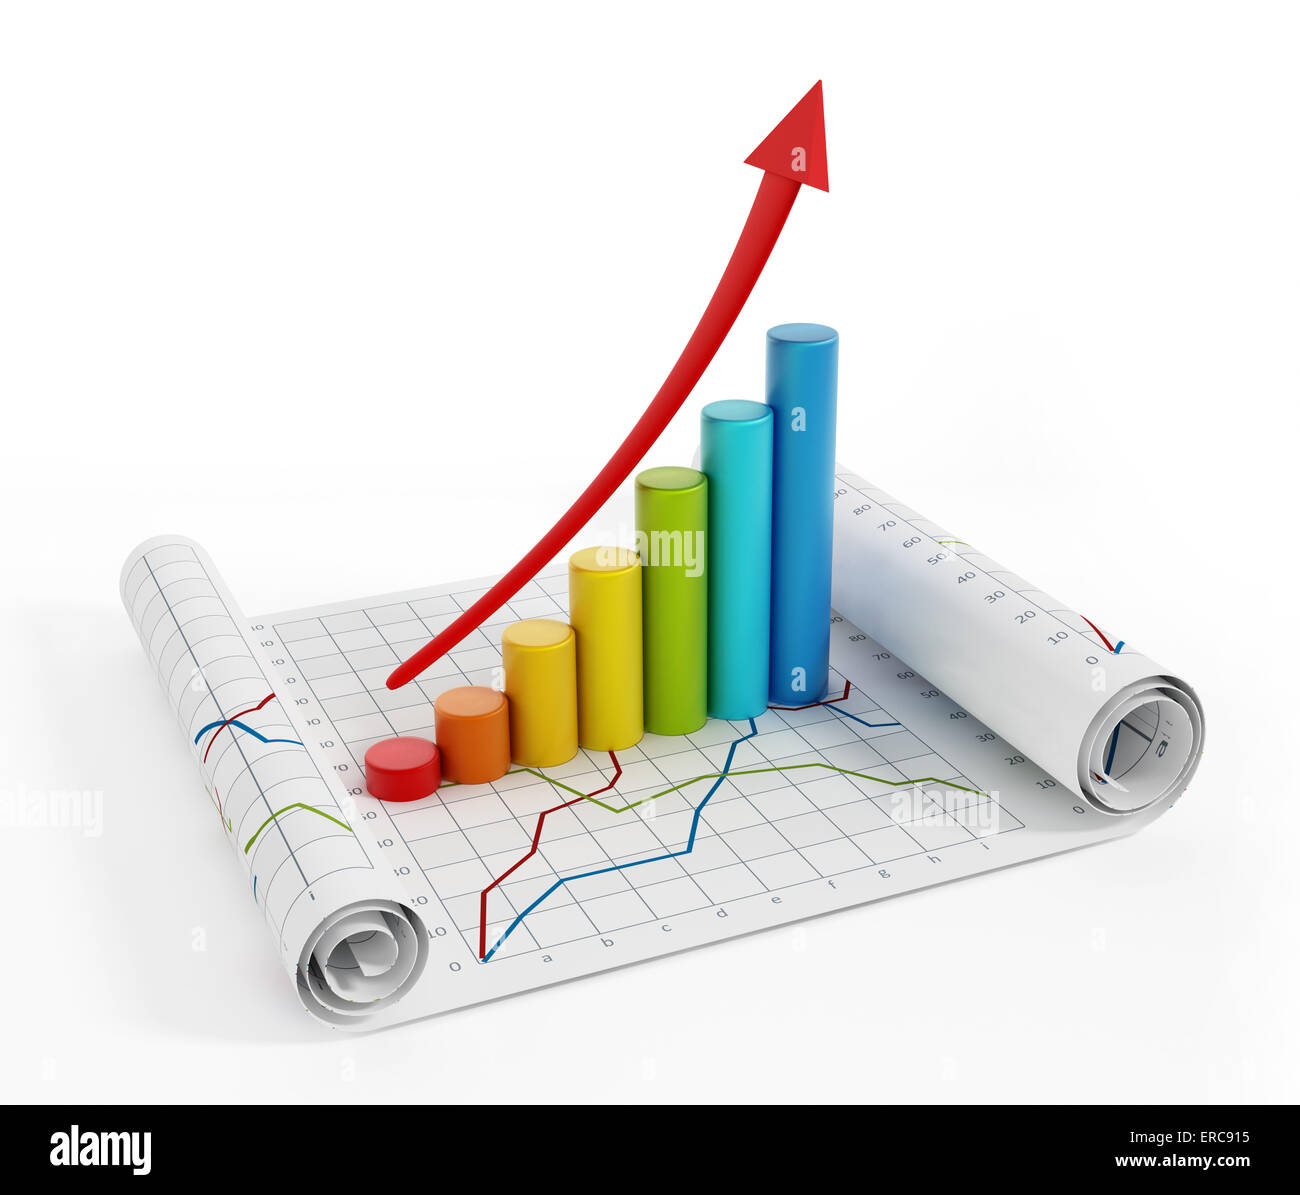 Gráficos financieros Imagen De Stock